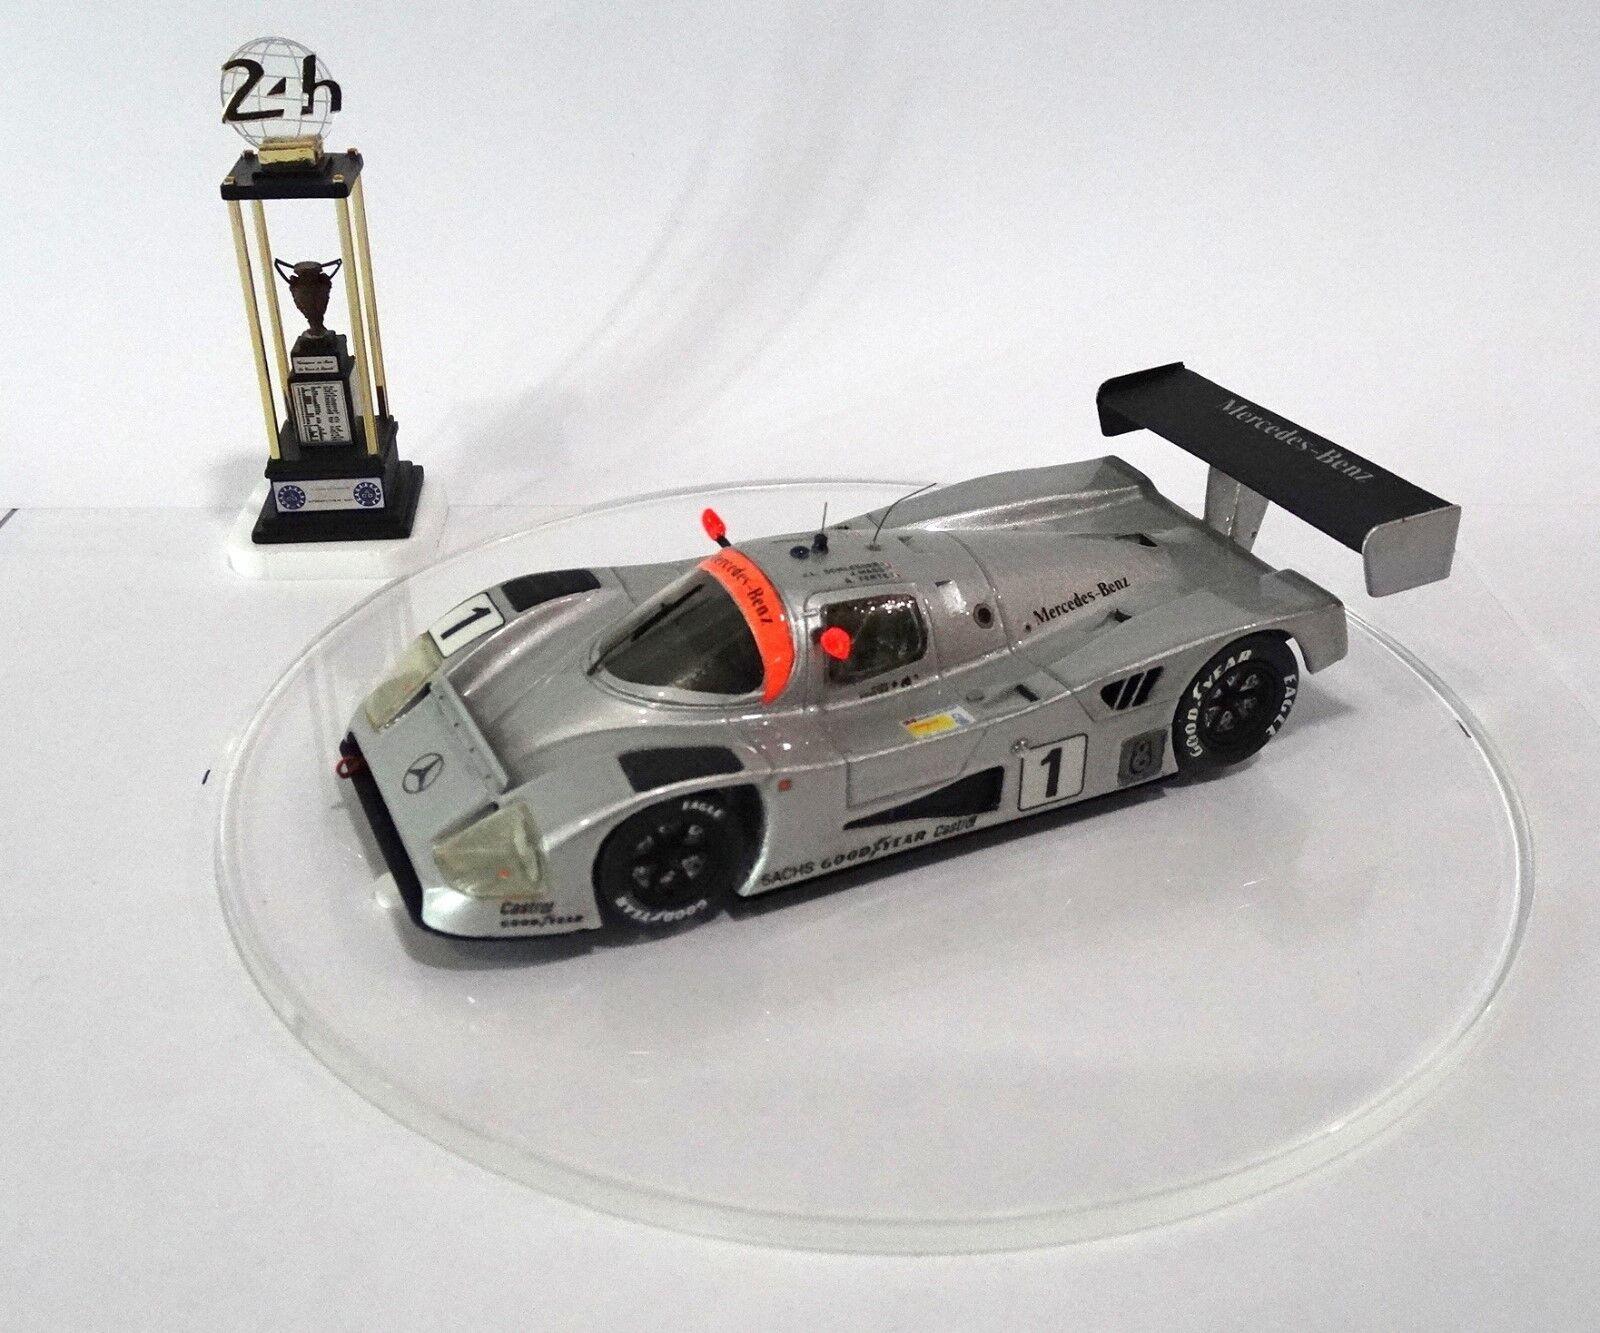 SAUBER C11 MERCEDES  1  Le Mans 1991 Built Monté Kit 1/43 no spark minichamps